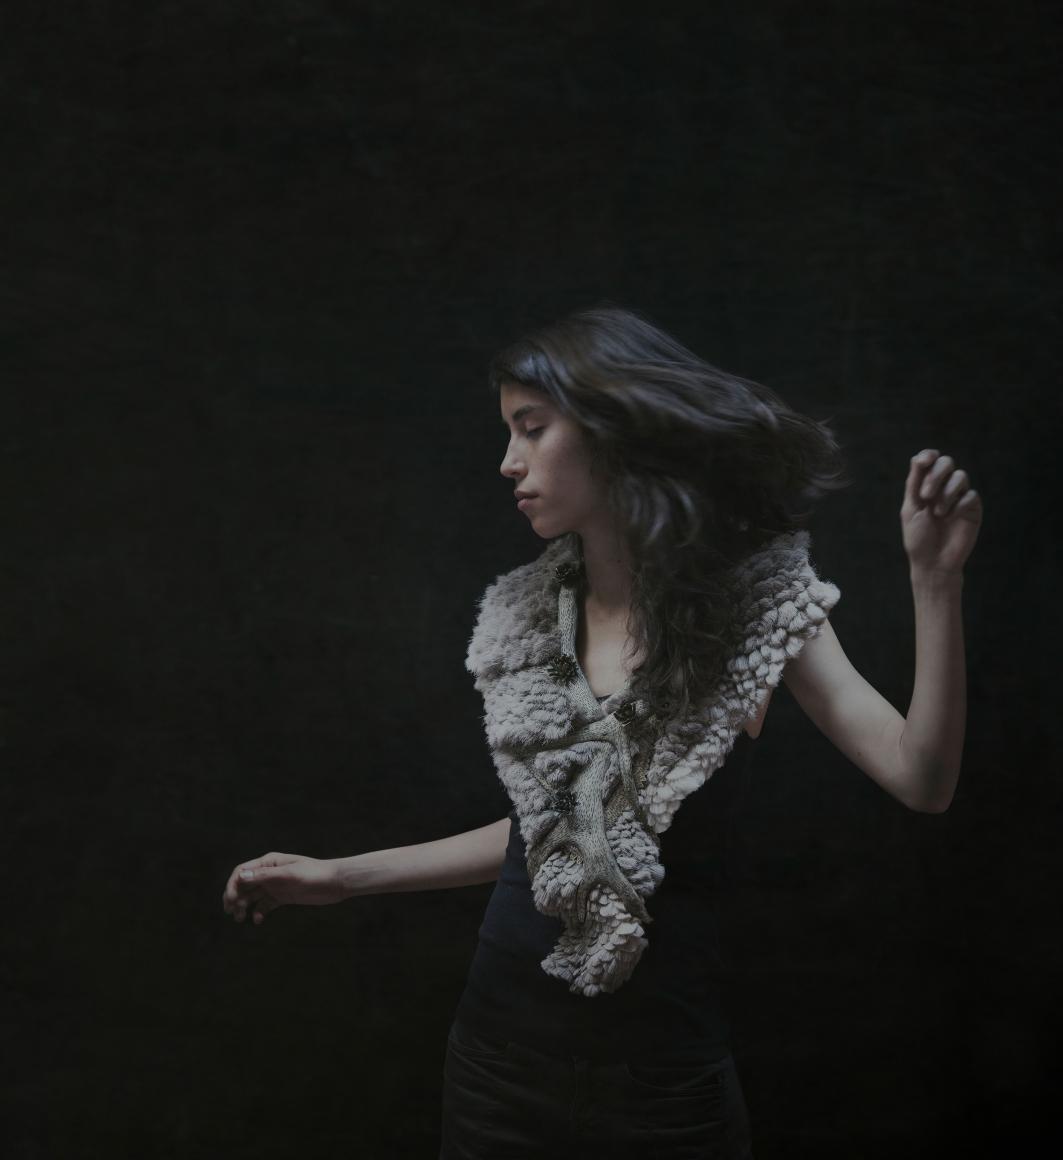 Hanna Hedman, North, halssieraad, 2014, rendierhuid, rendiergewei, elandgewei, messing, katoen, verf